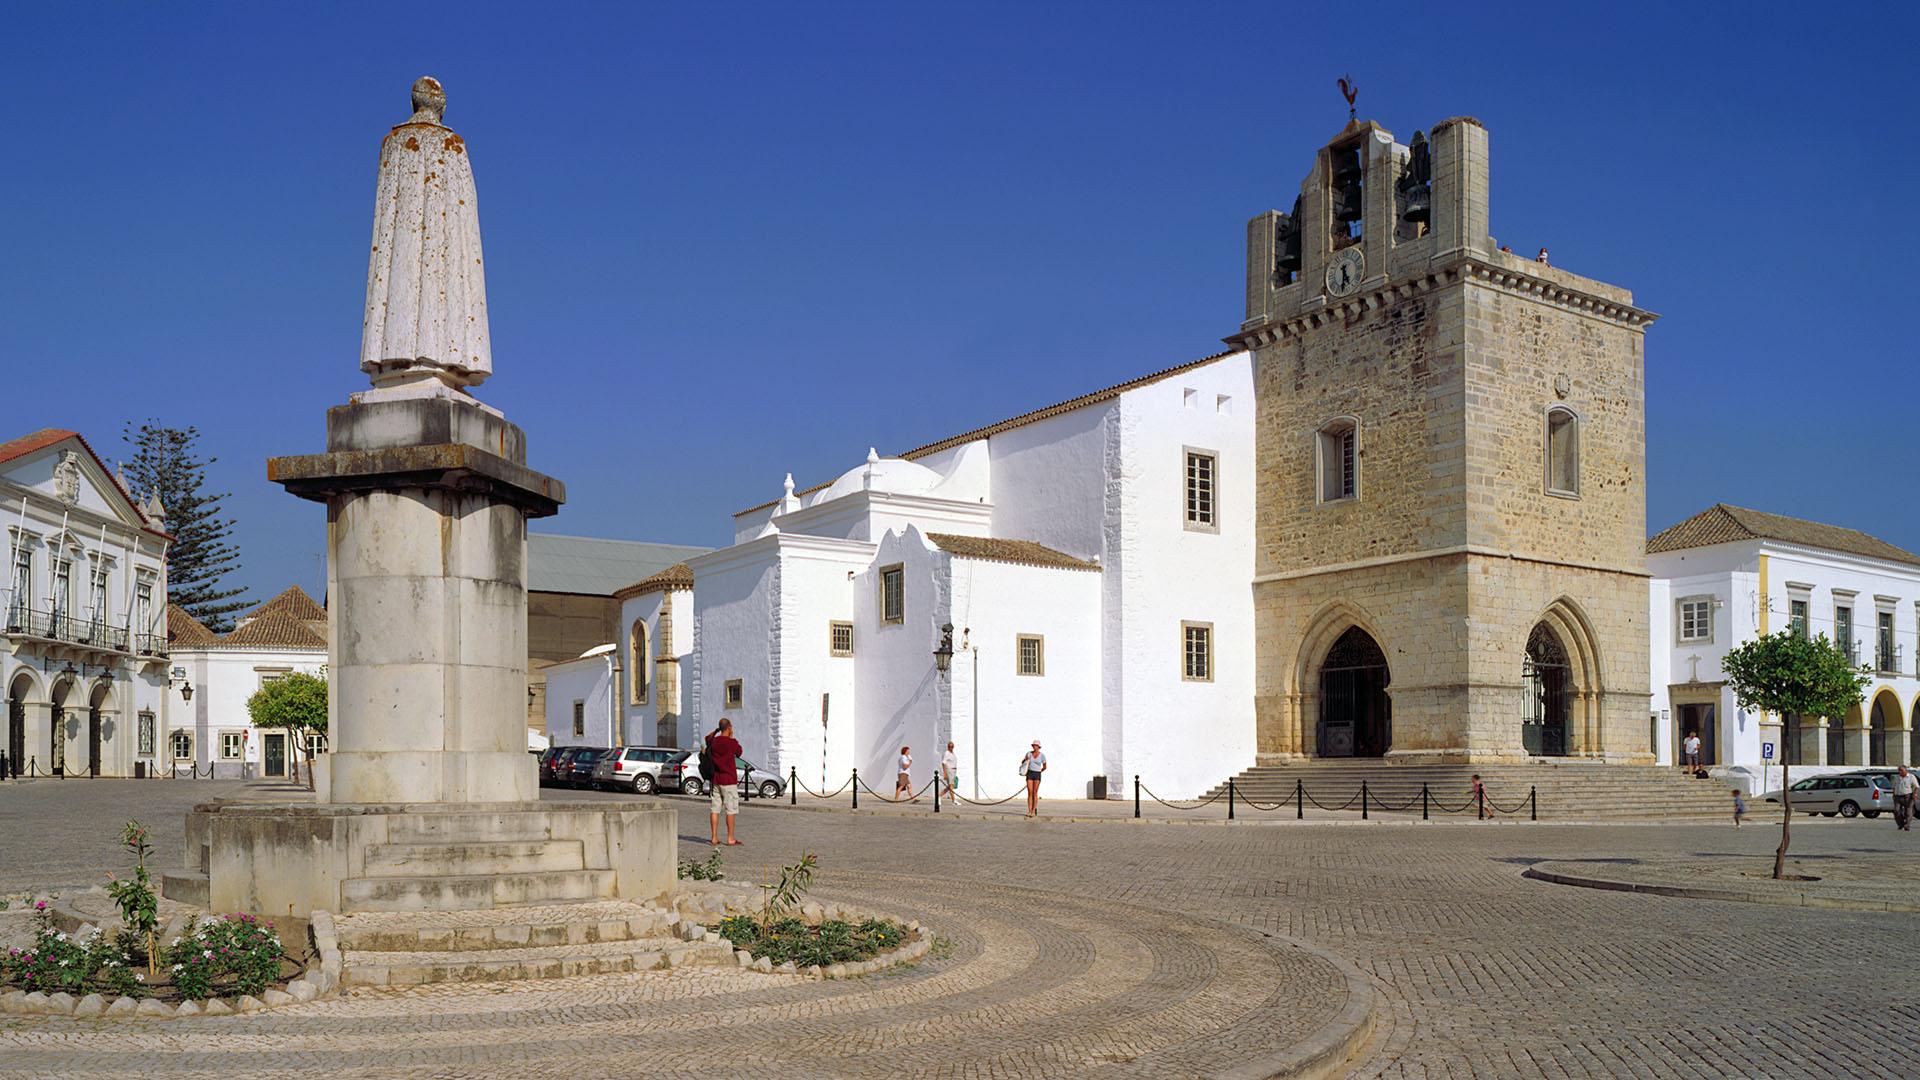 Faro cathedral / Faro / Rui Morais de Sousa